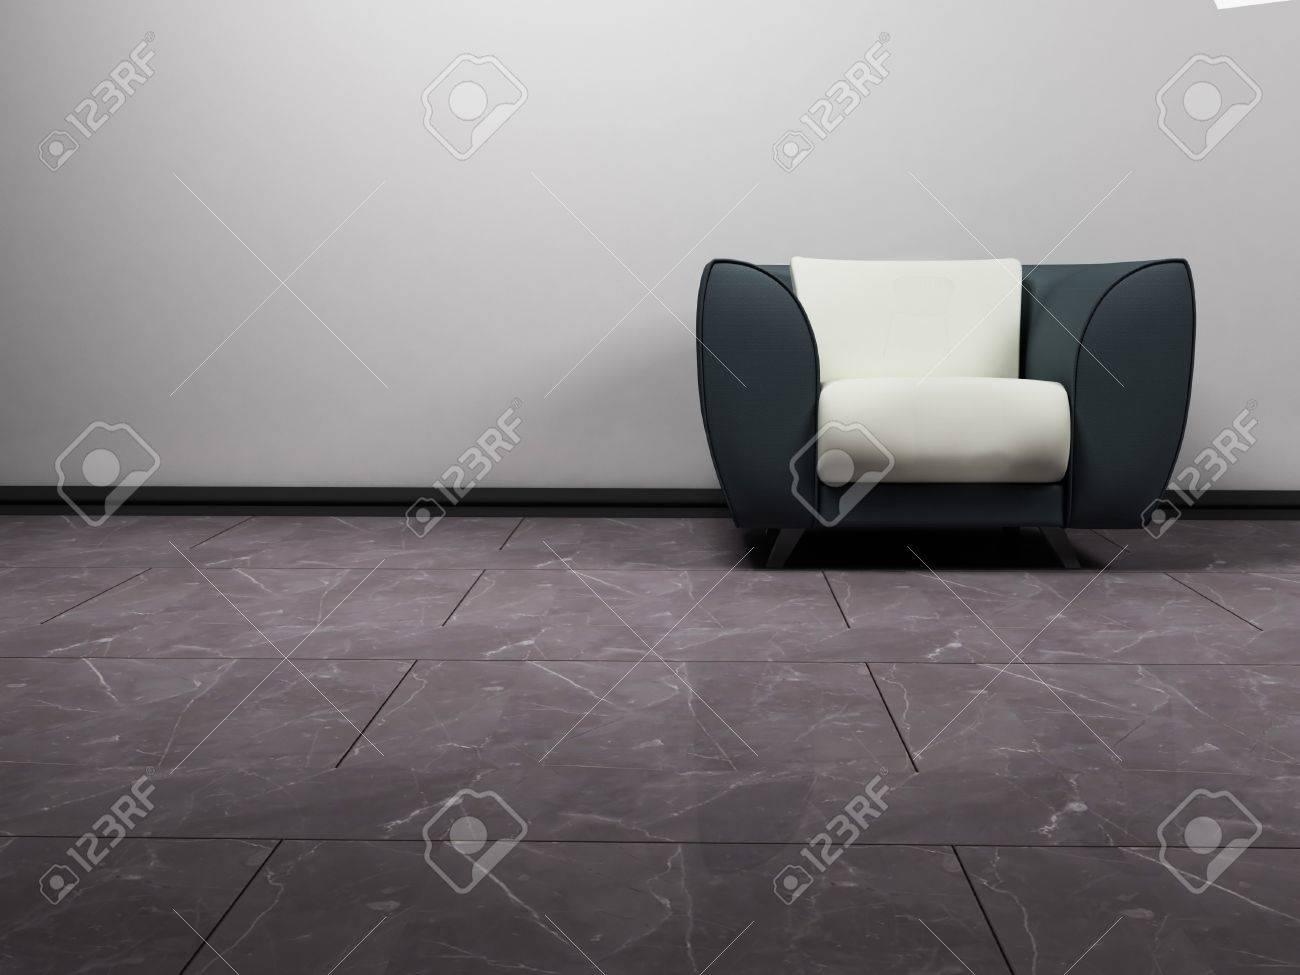 Ein Schöner Moderne Graue Und Weiße Sessel Auf Dem Weißen